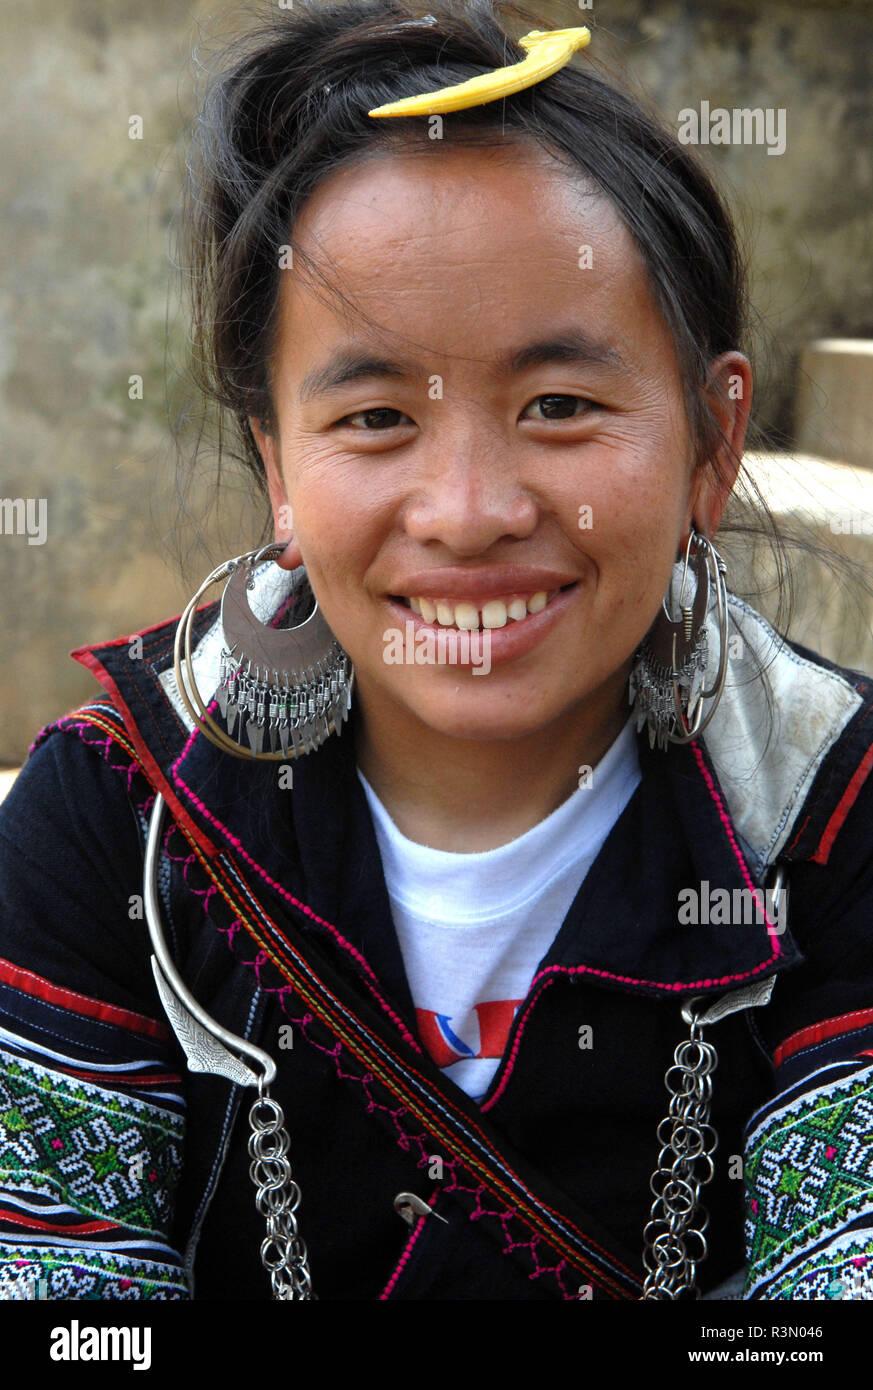 Young Hmong Woman Vietnam - Stock Image